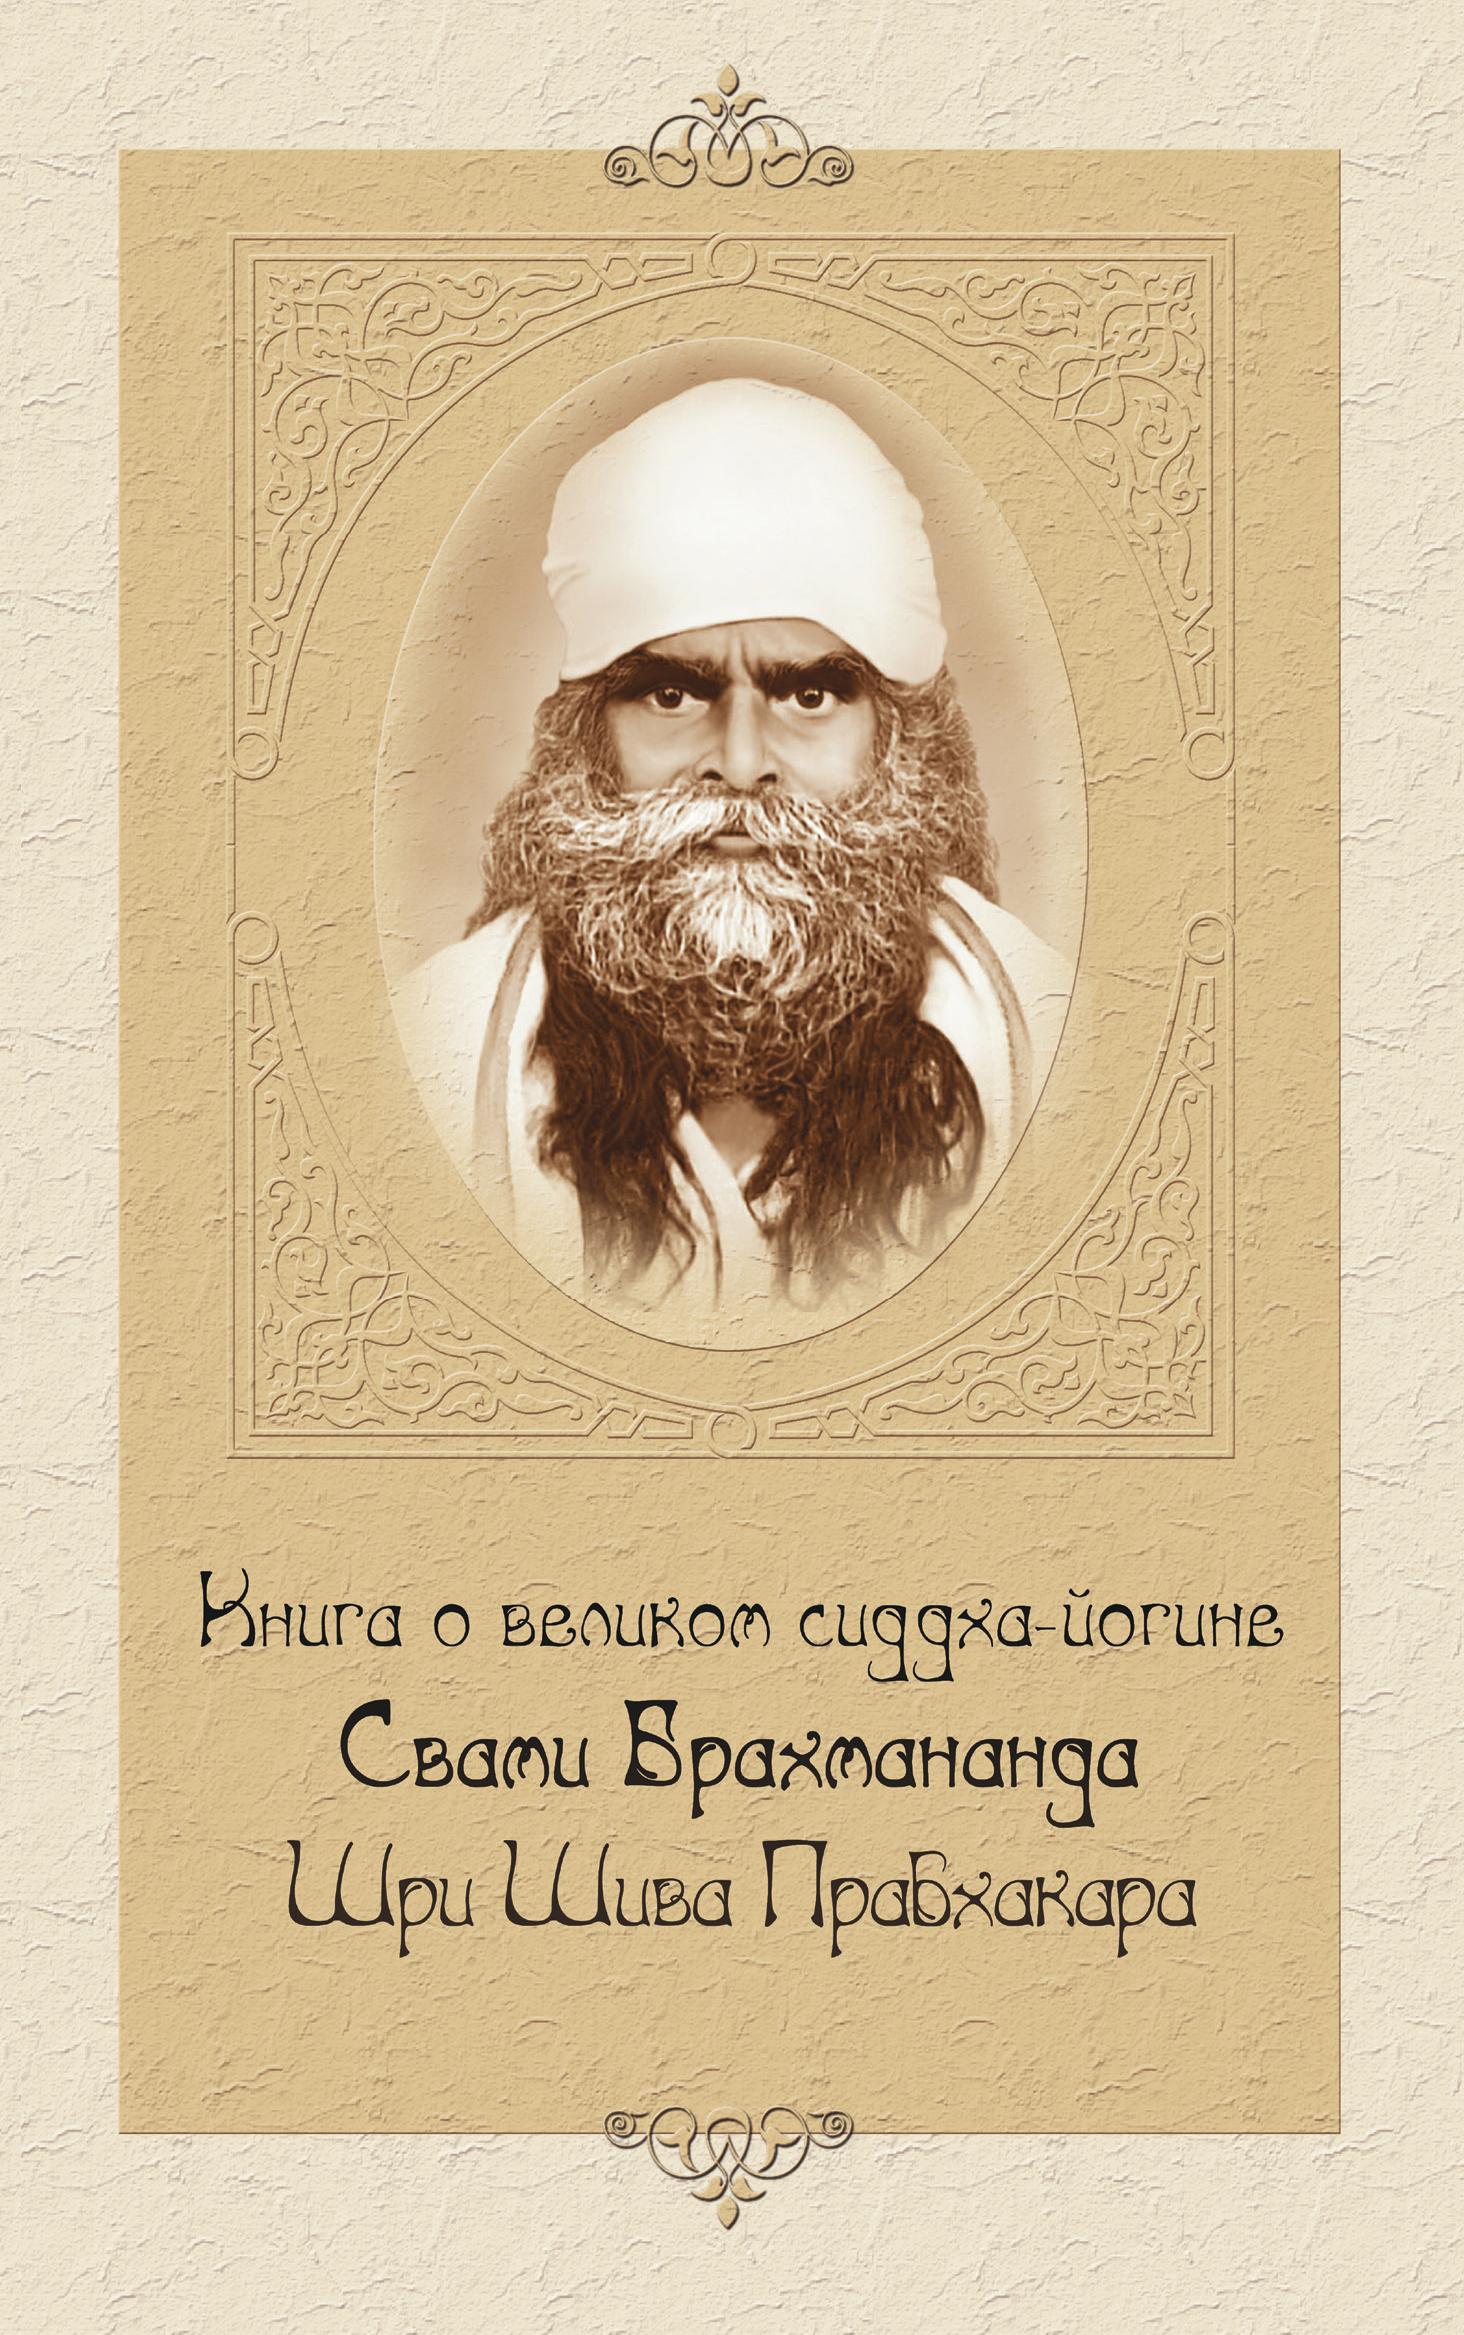 Книга о великом сиддха-йогине Свами Брахмананда Шри Шива Прабхакара. 2-е изд